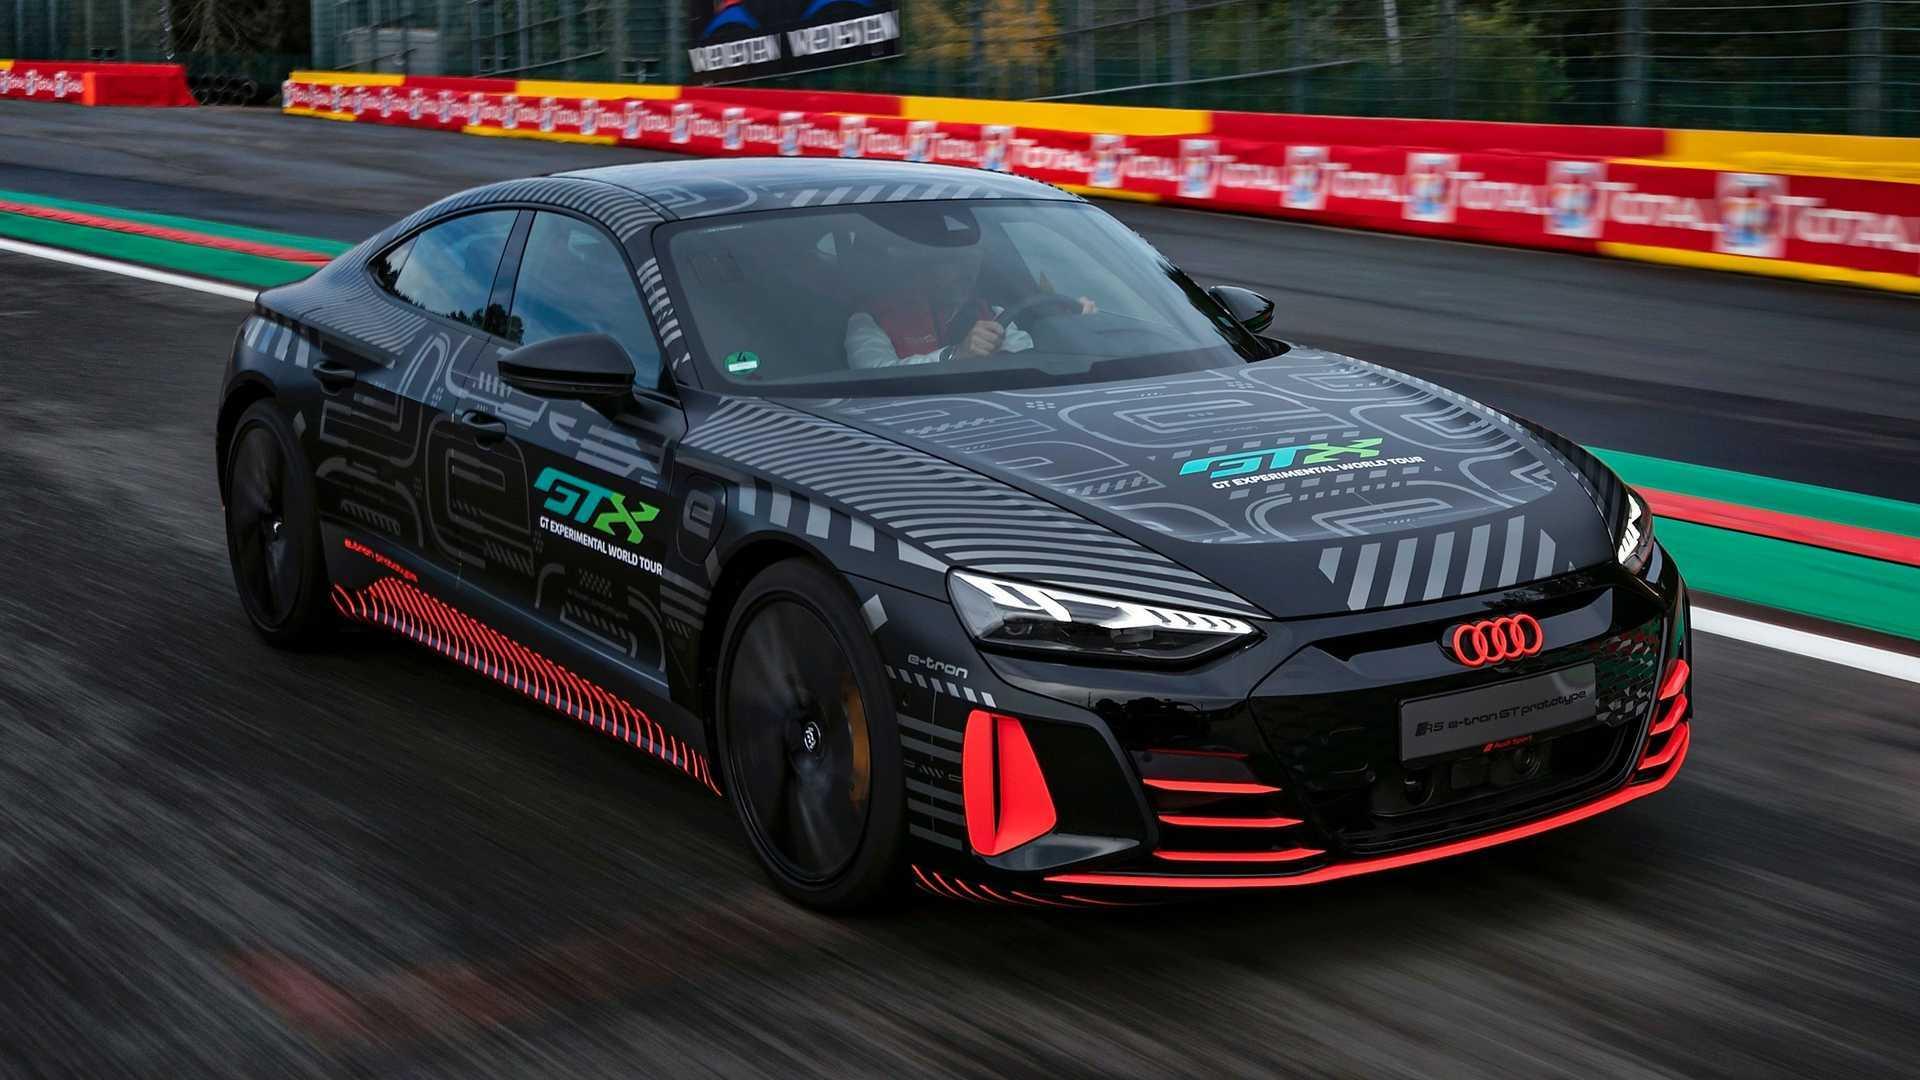 Tampilan depan dari mobil Audi RS E-Tron GT di sirkuit Spa-Francorchamps